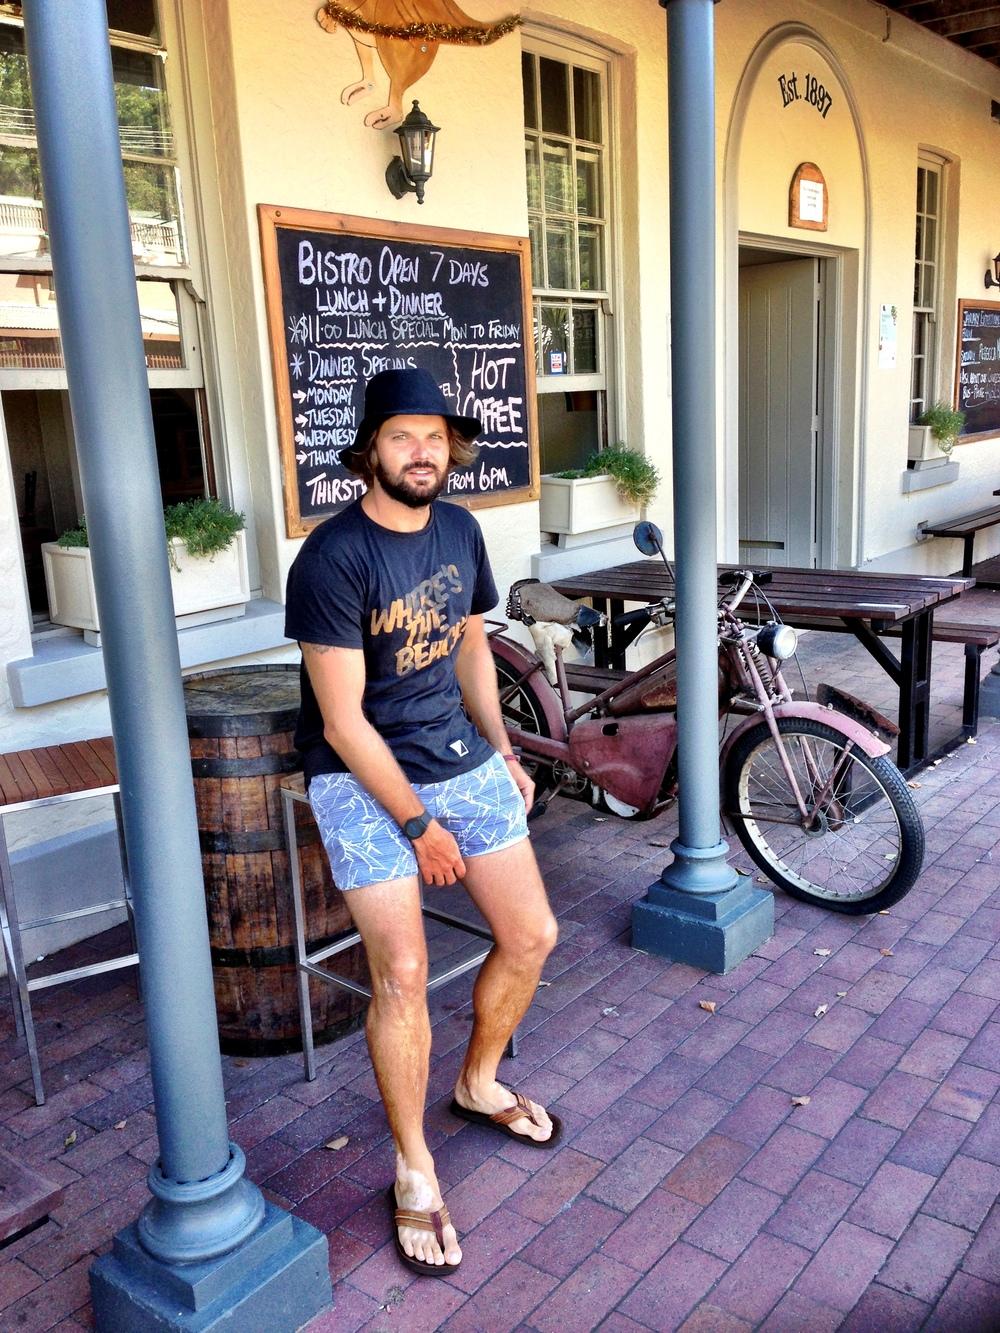 The local pub.